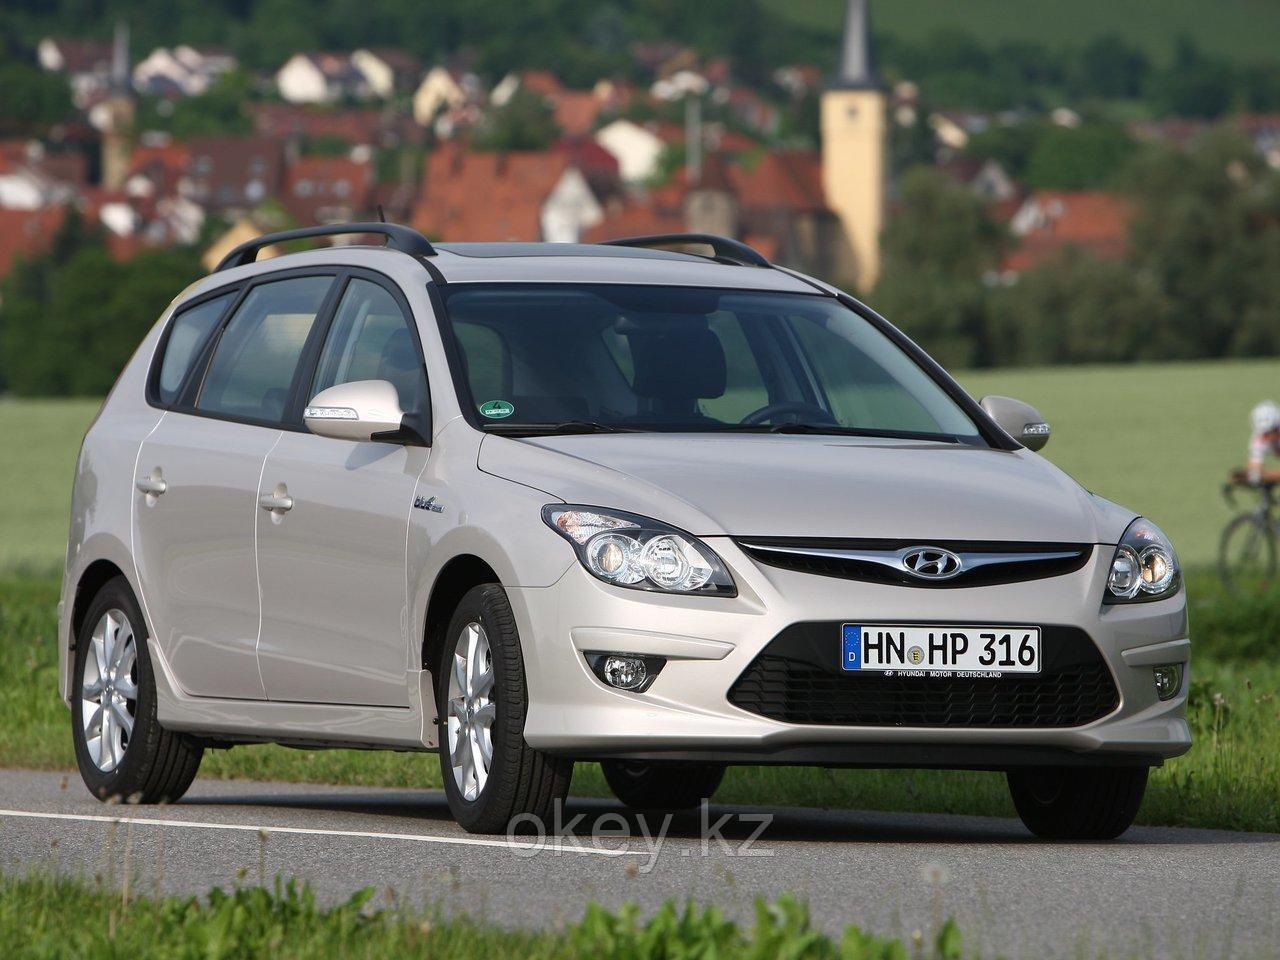 Тормозные колодки Kötl 3450KT для Hyundai I30 CW I универсал (FD) 1.4, 2009-2012 года выпуска.